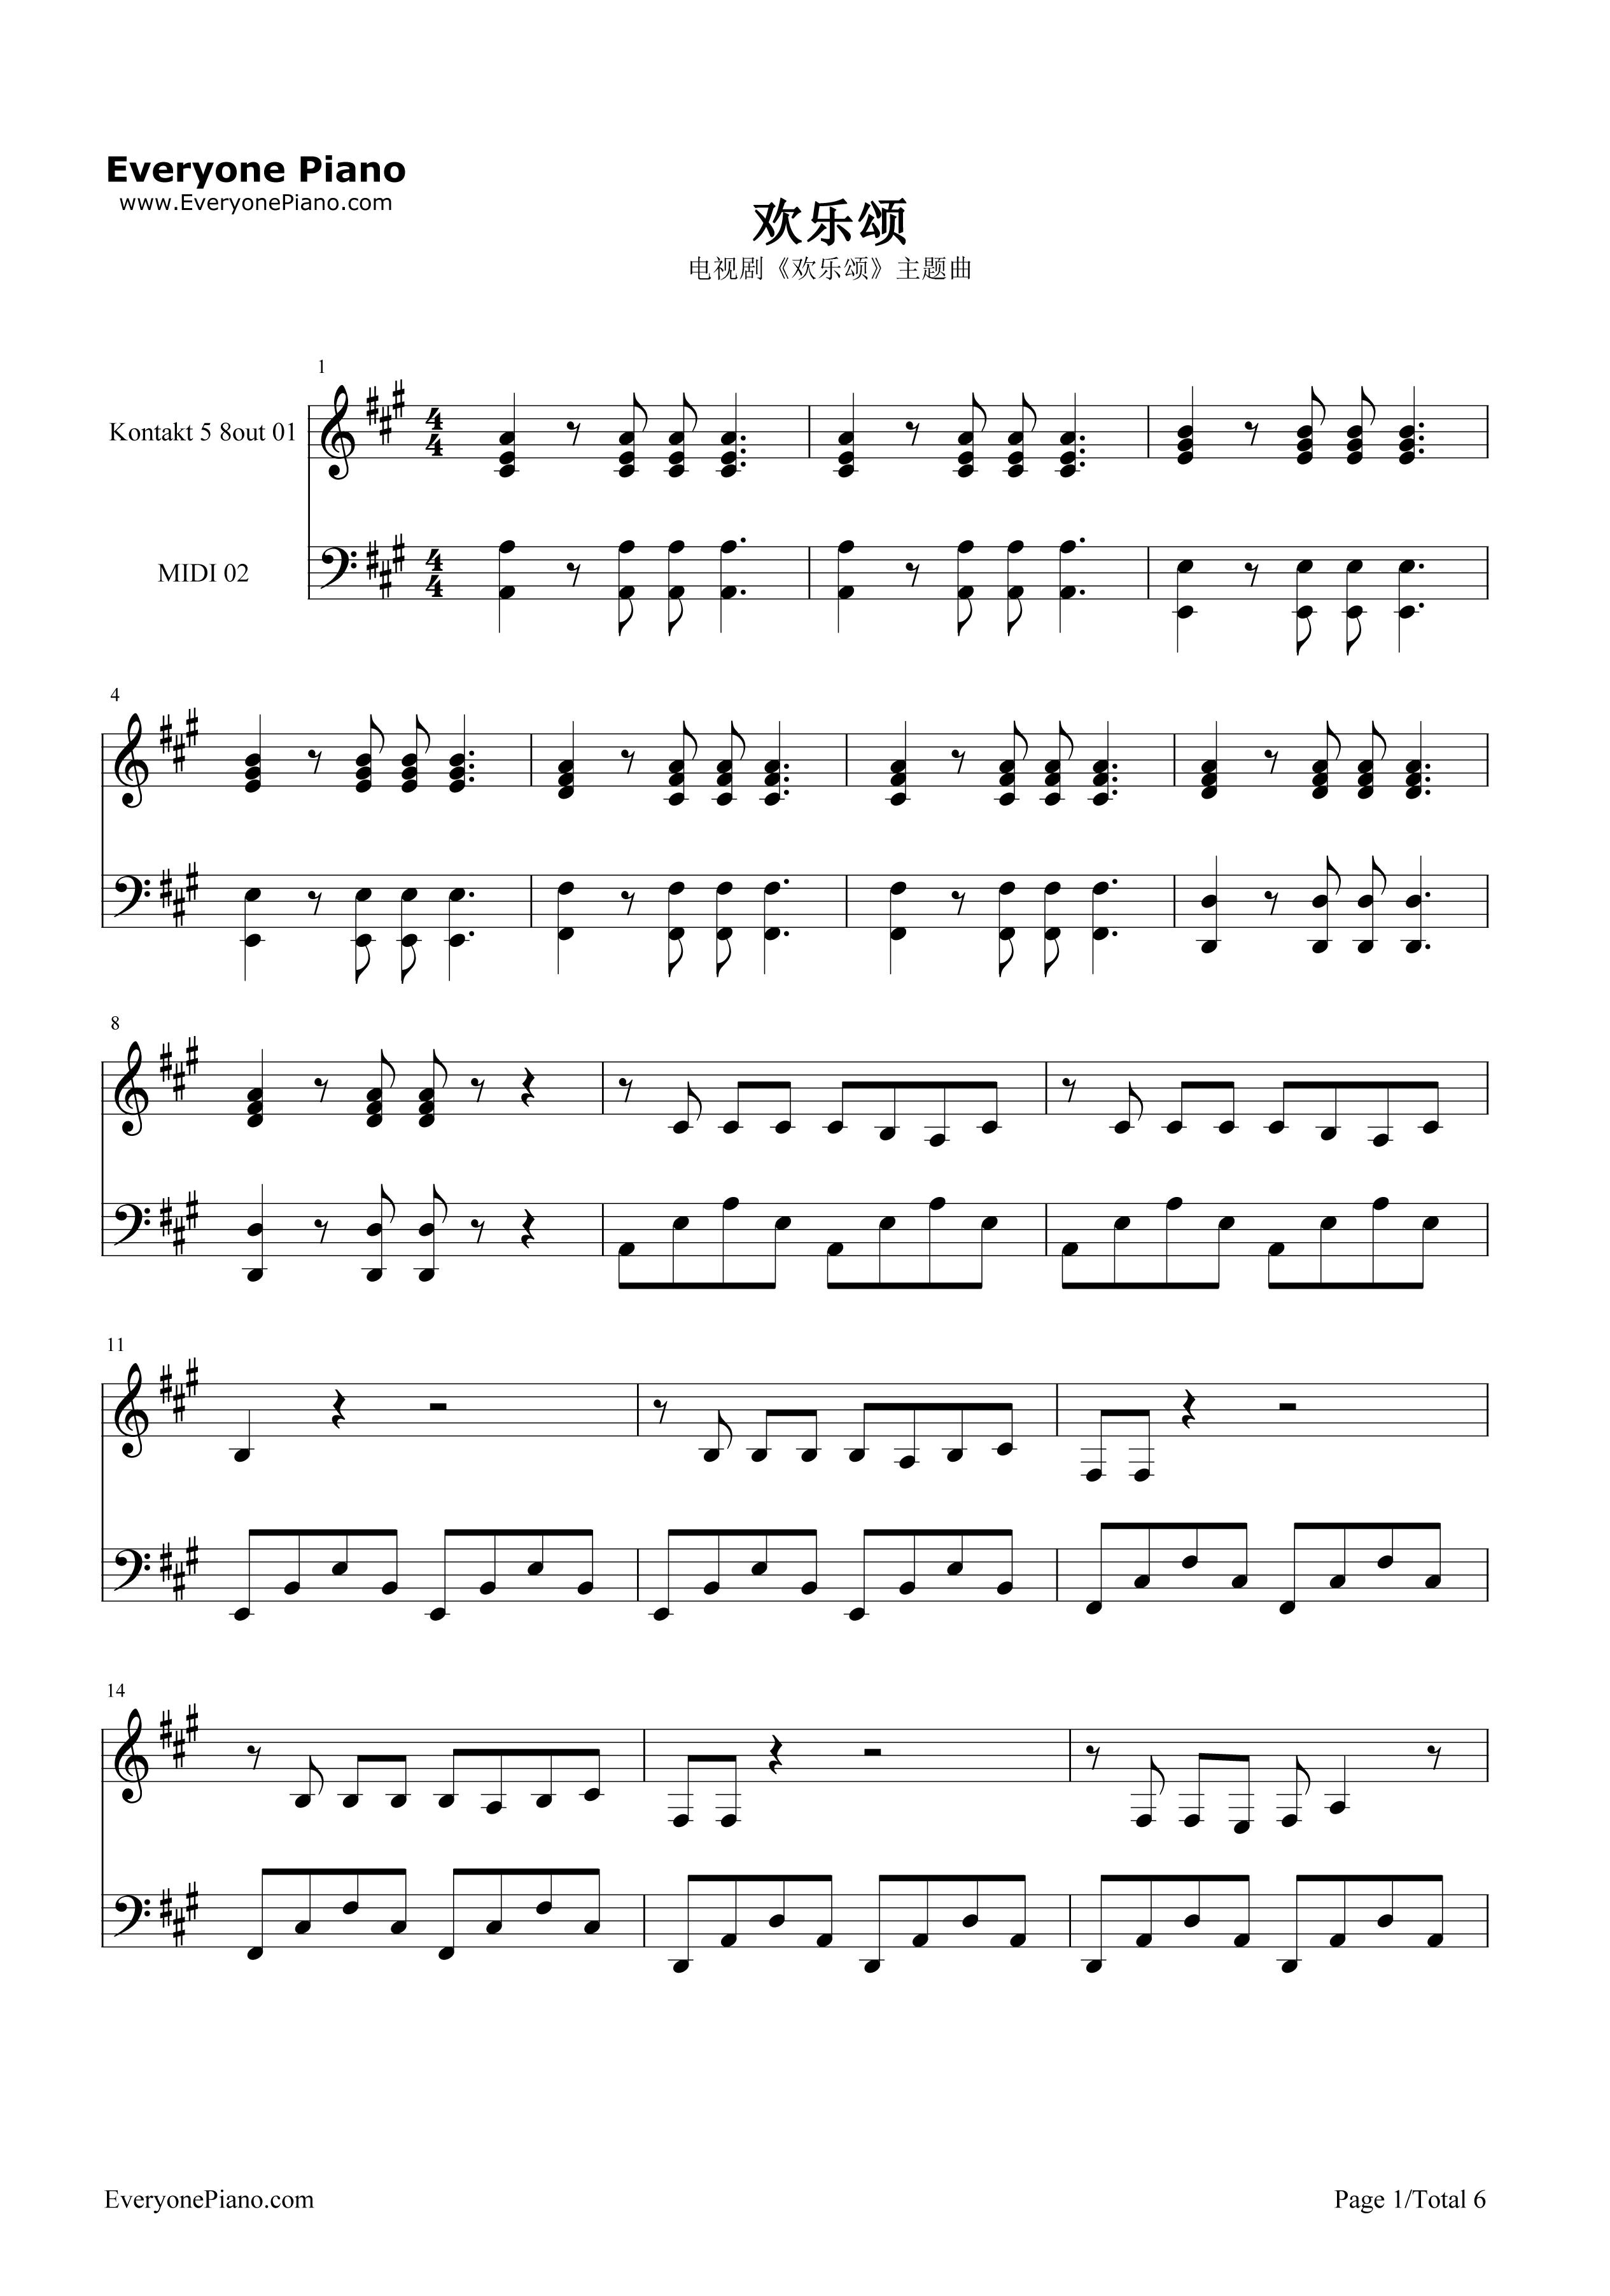 钢琴曲谱 流行 欢乐颂-欢乐颂主题曲 欢乐颂-欢乐颂主题曲五线谱预览1